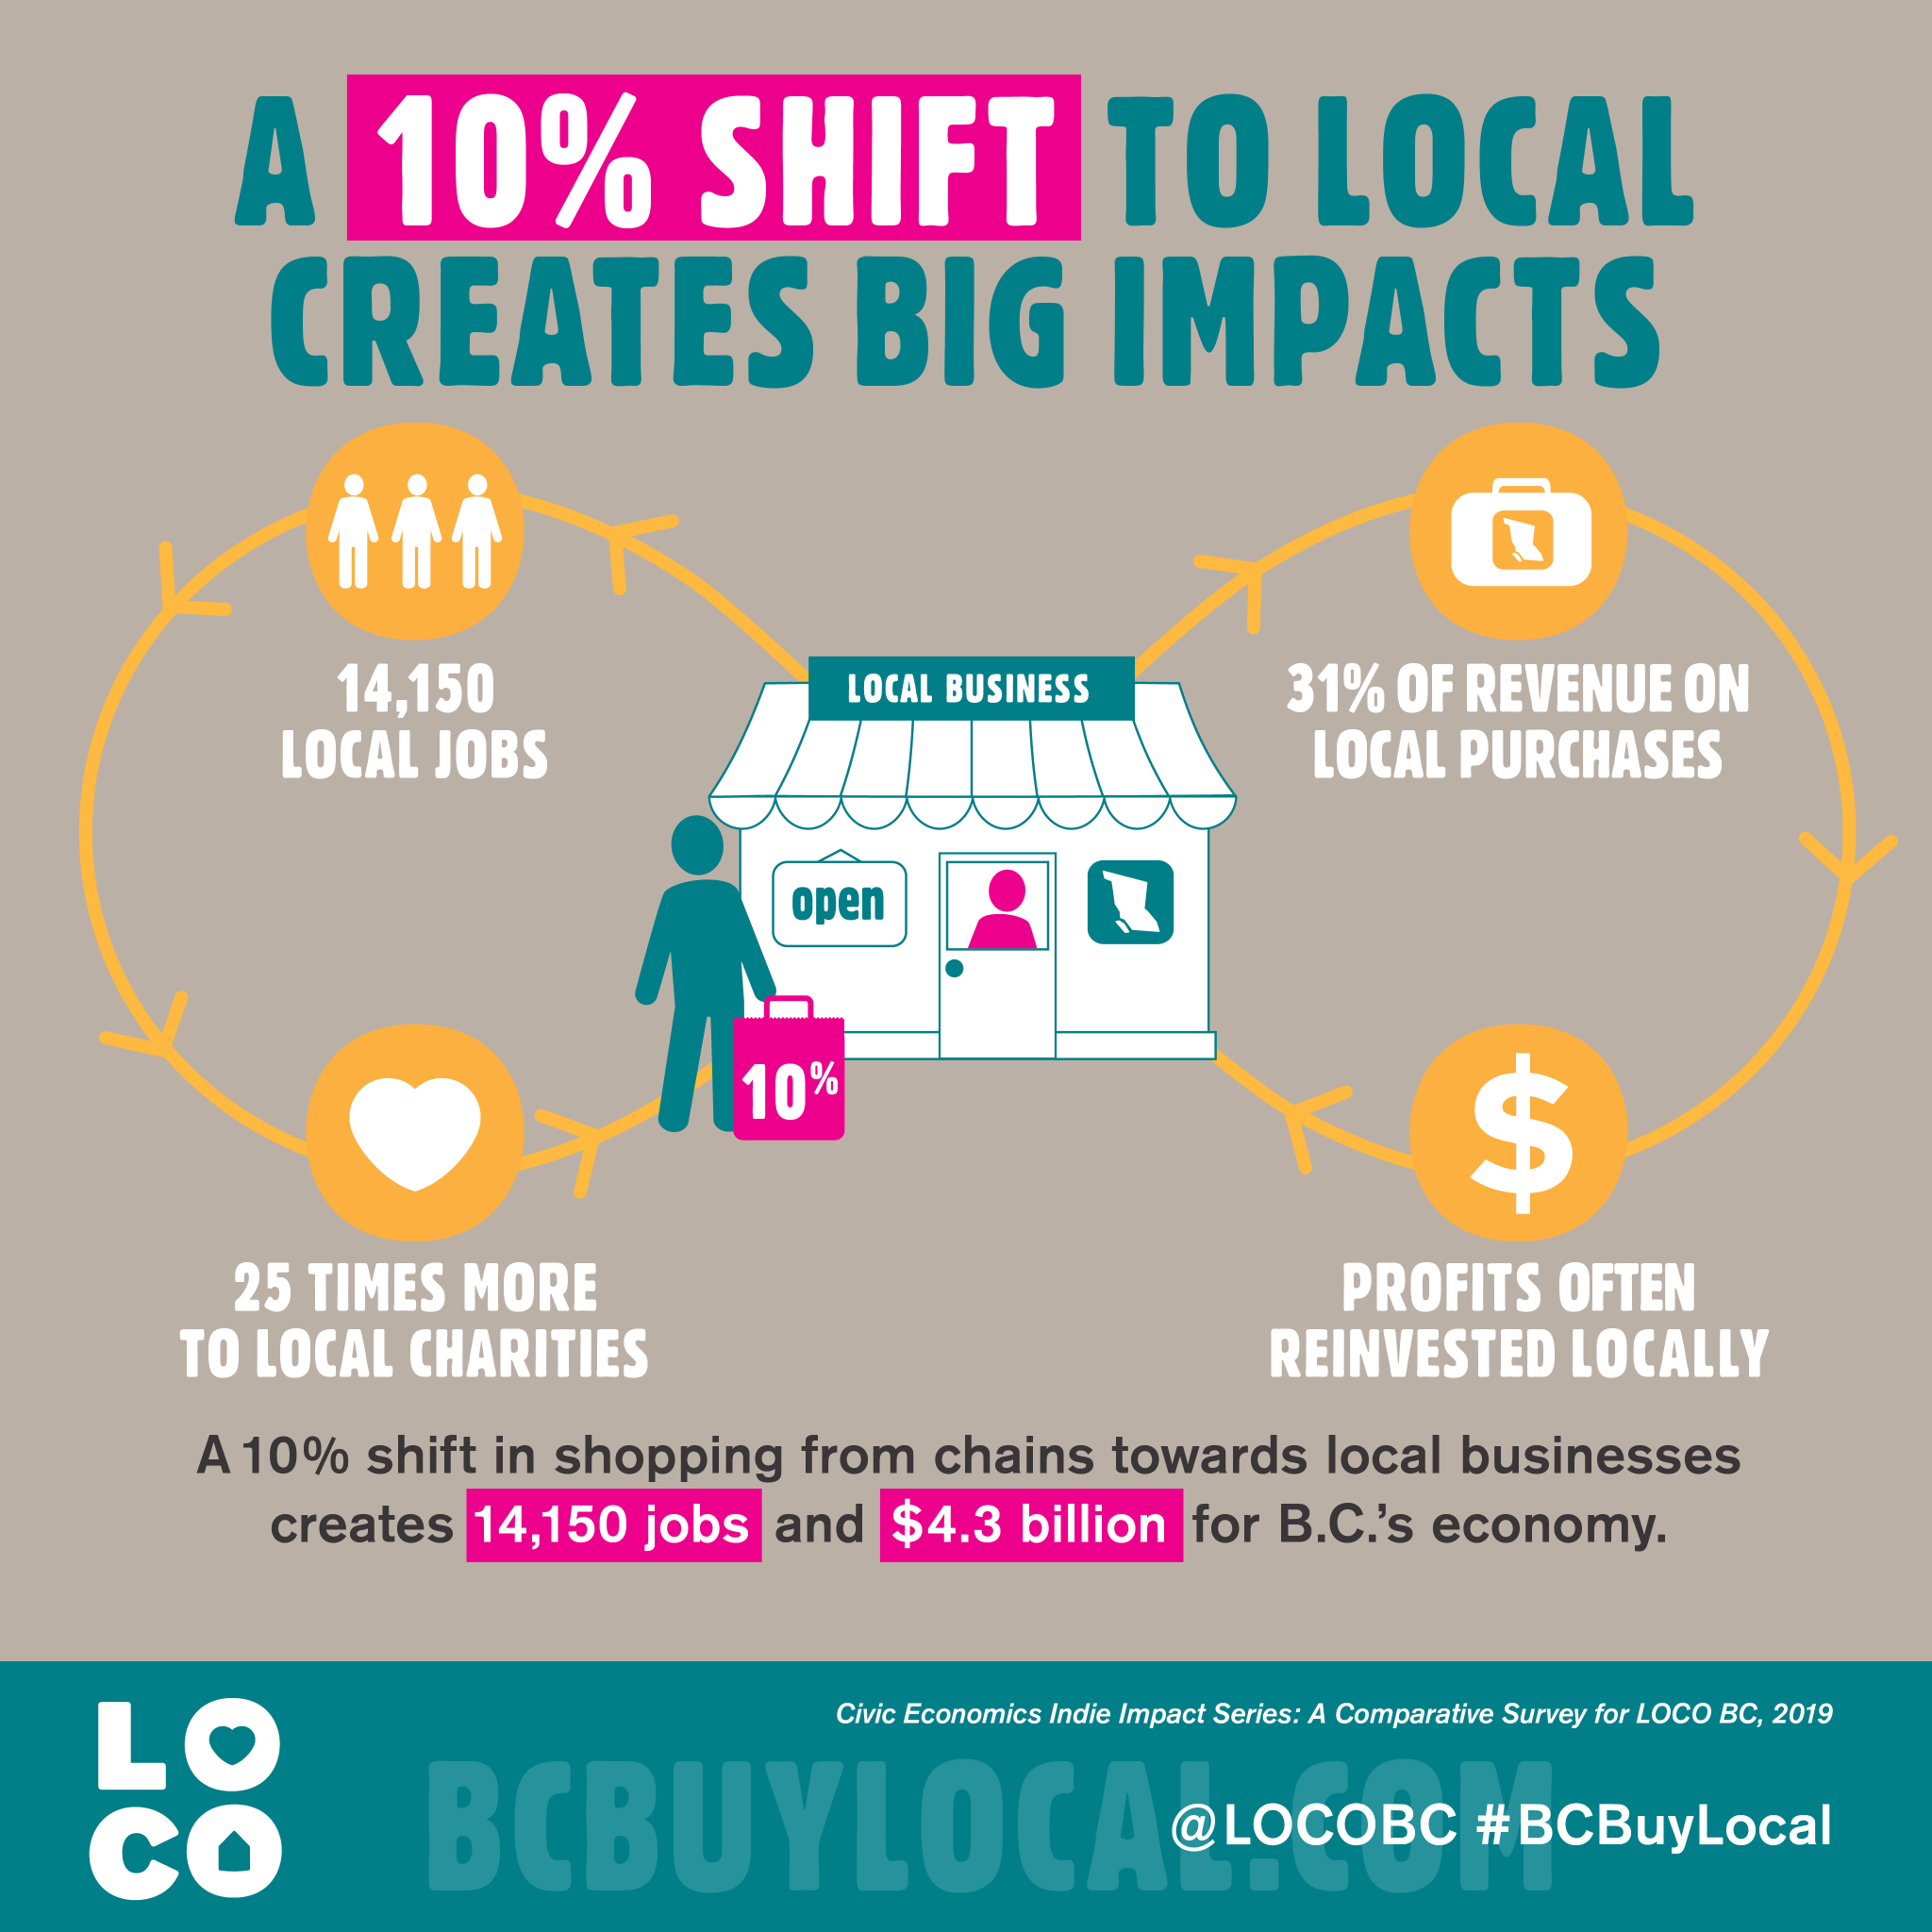 A 10% shift to local creates big impacts - LOCO BC 2019